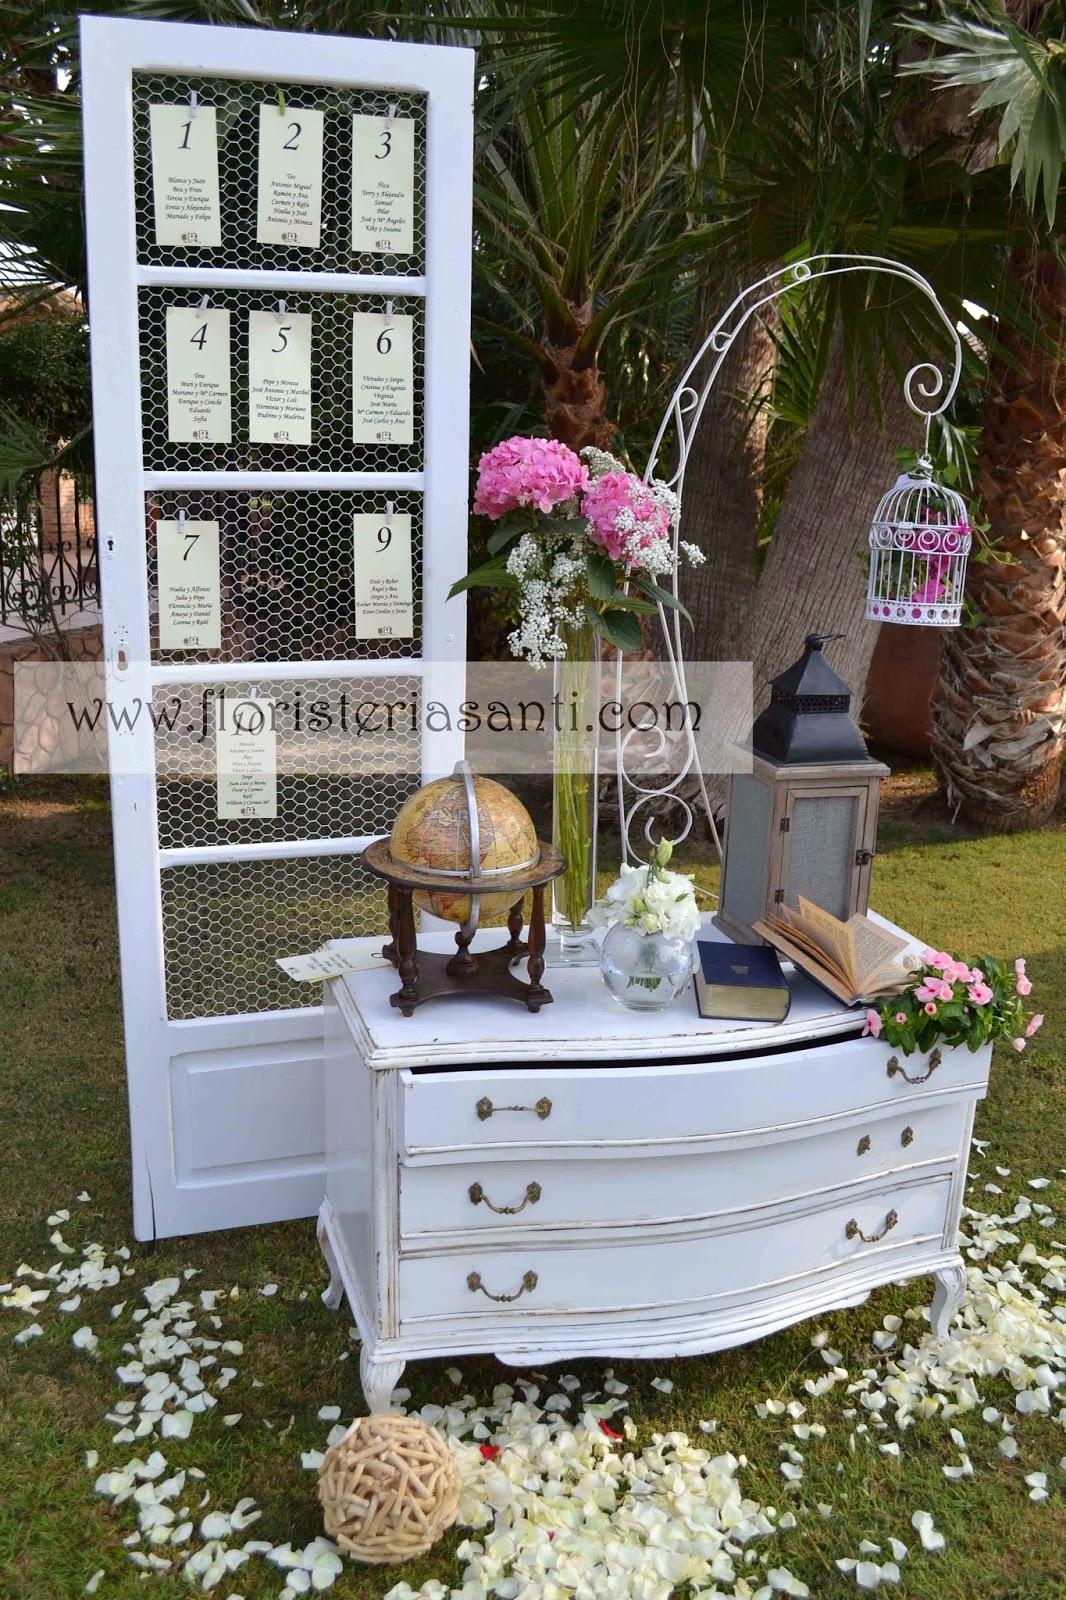 El blog de floristeria santi bodas vintage - Decoracion para bodas vintage ...